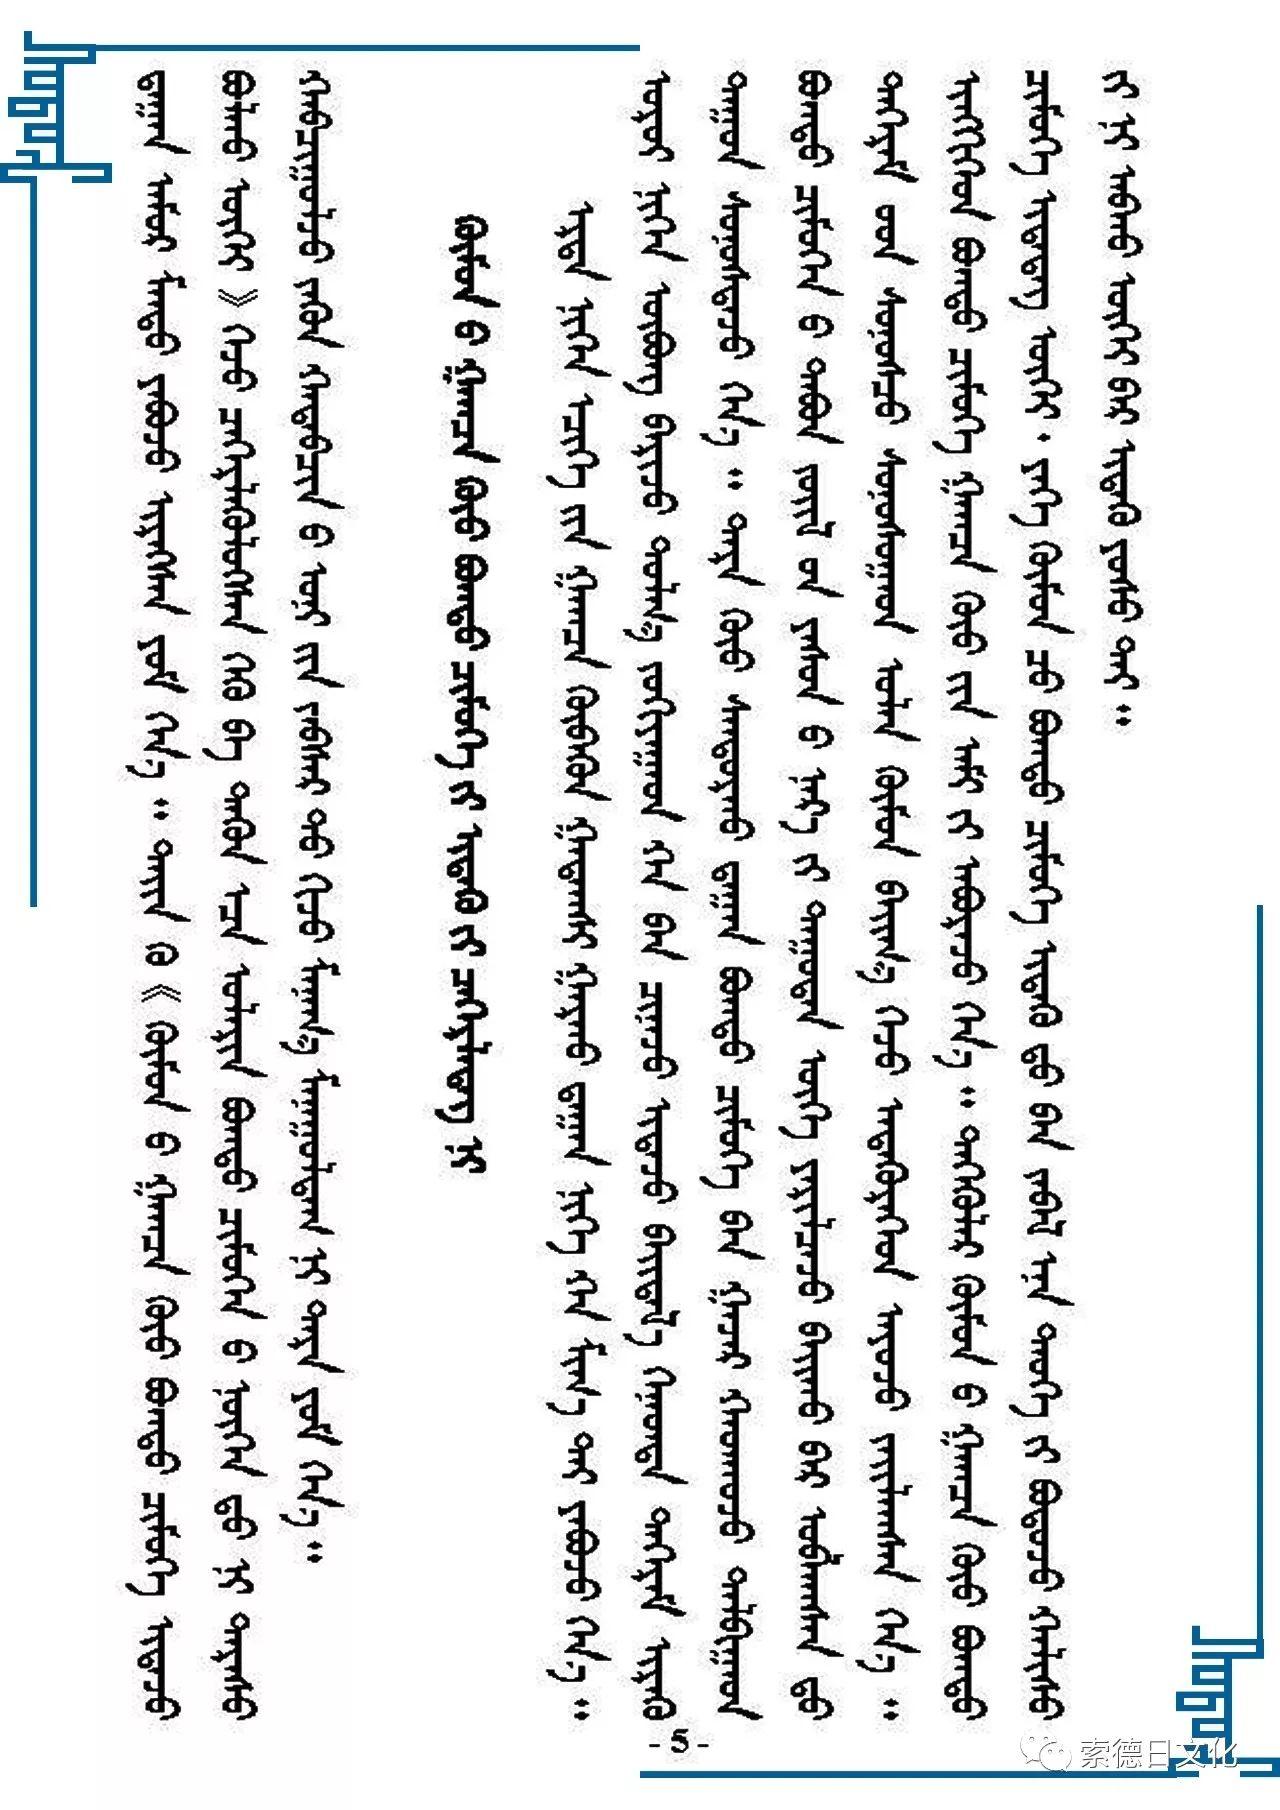 蒙古民俗故事 第5张 蒙古民俗故事 蒙古文库